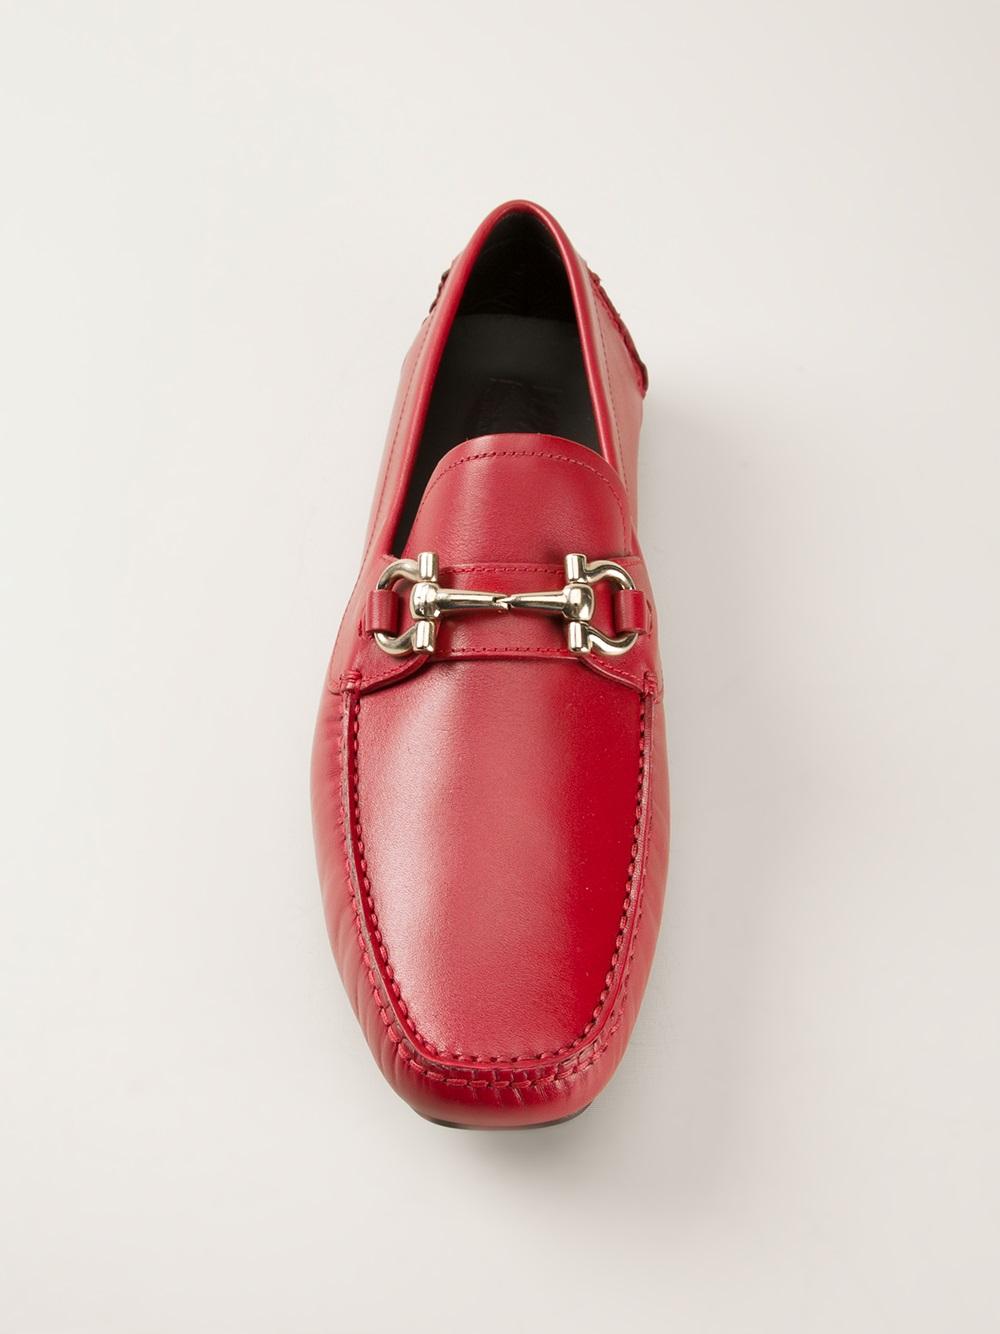 Nylon Itaca Grupo  Ferragamo Parigi Driving Shoes in Red for Men - Lyst